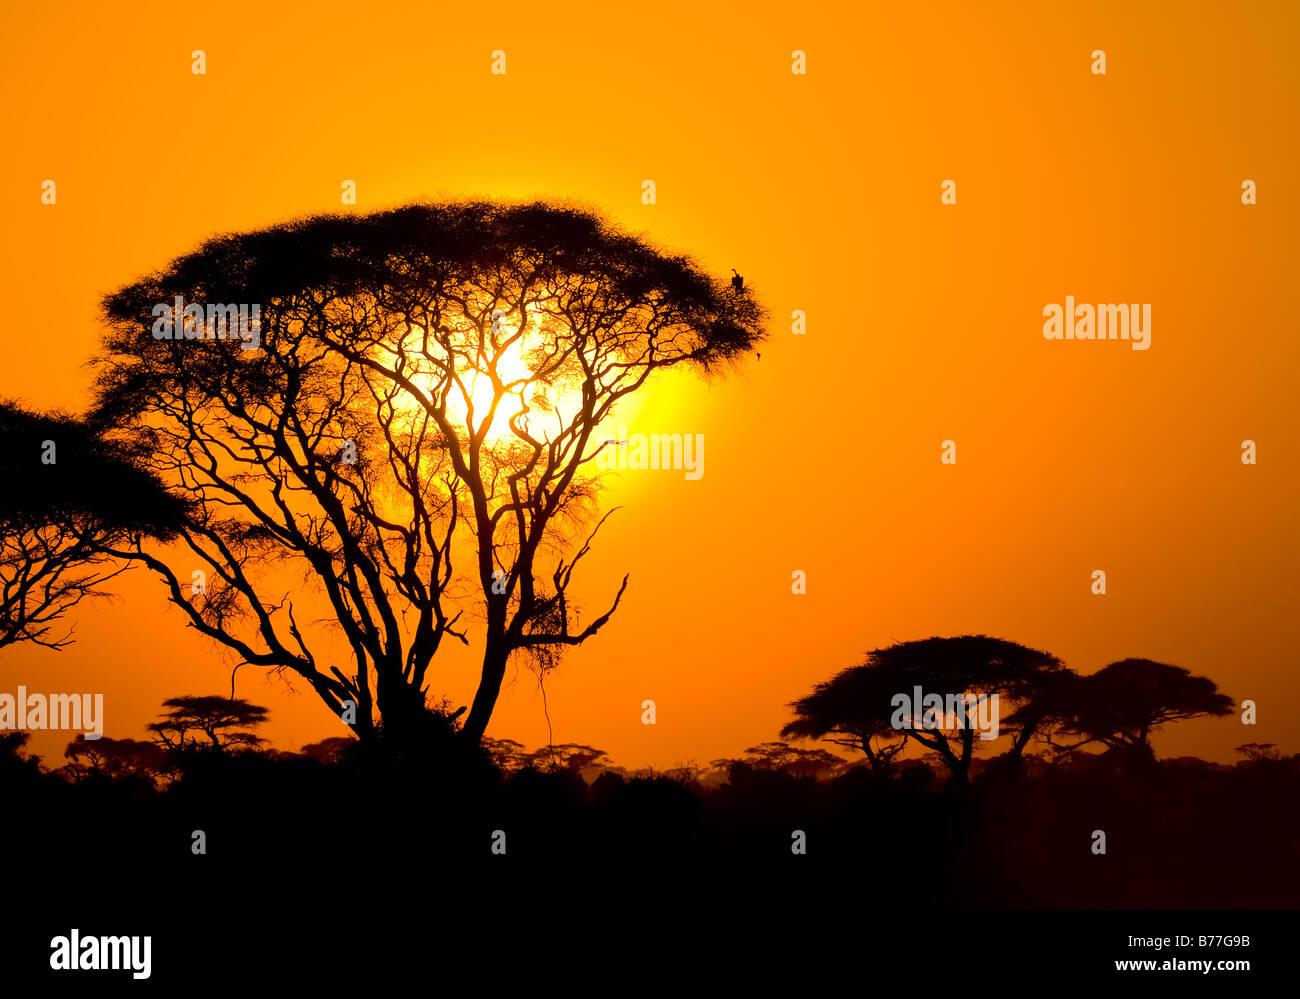 african sunset in savannah kenya - Stock Image